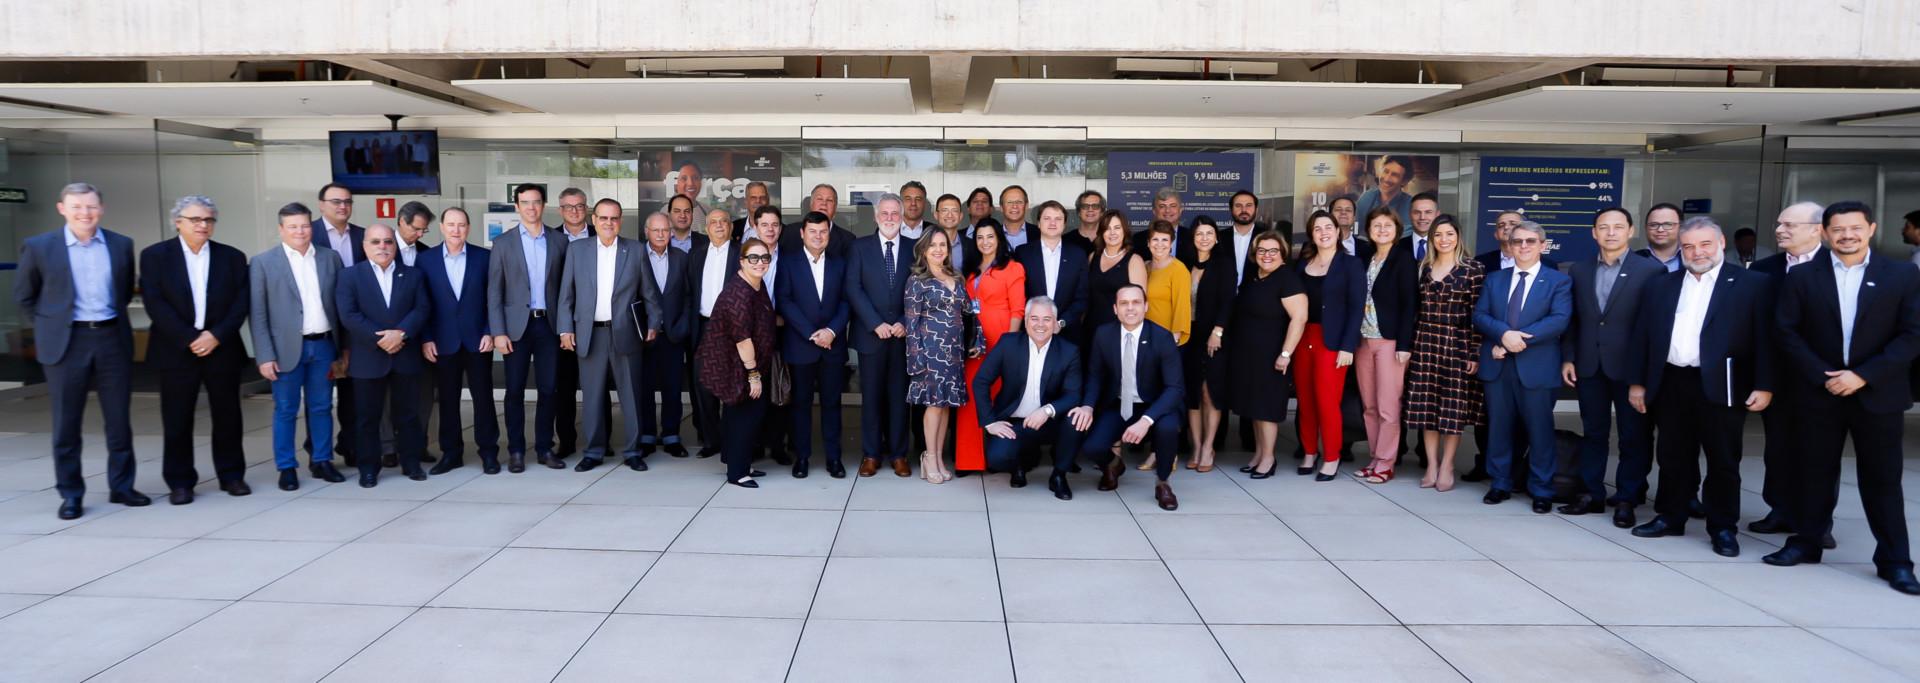 Reunião da ABASE no Sebrae Nacional